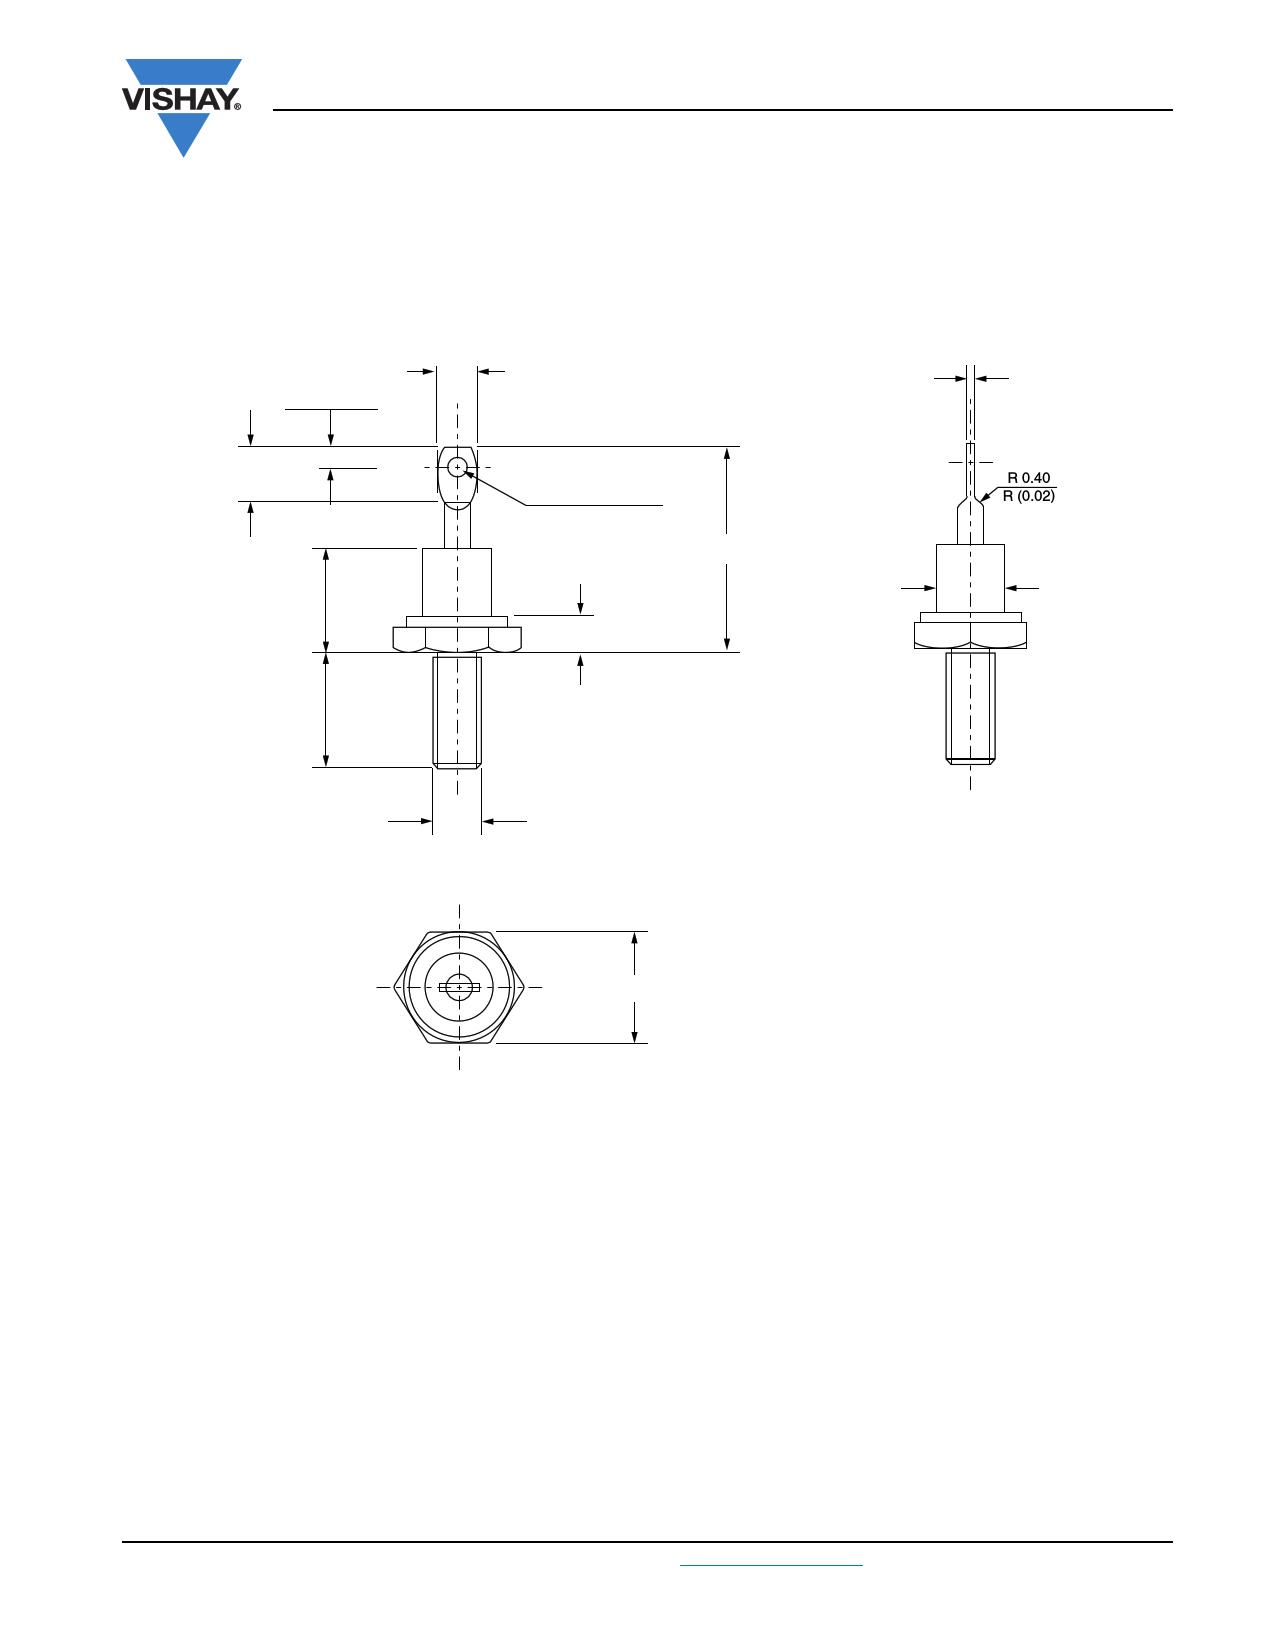 VS-1N3892 arduino